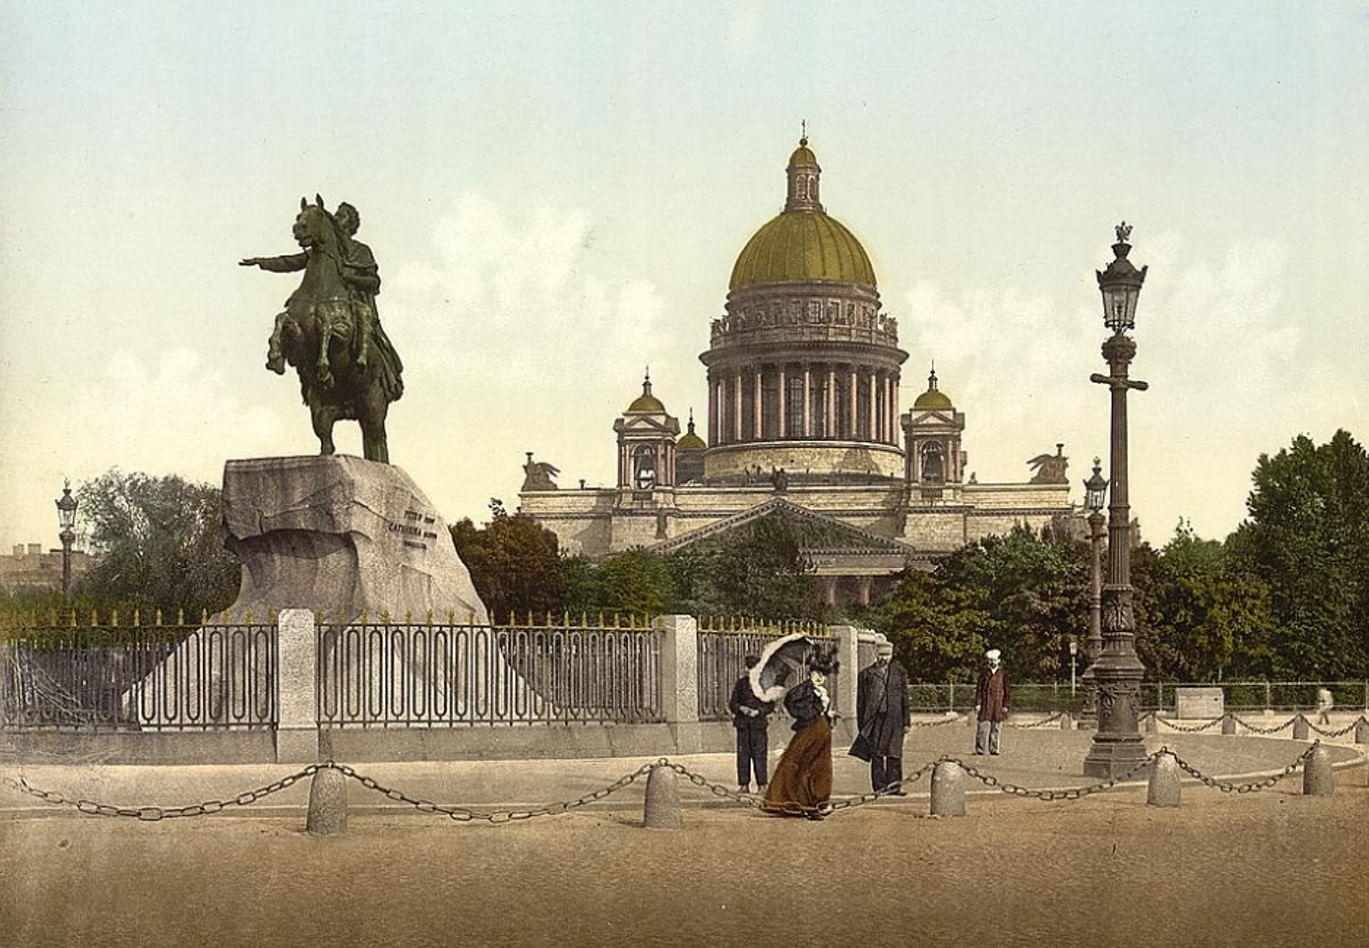 От Питера до Москвы. Две столицы в русской литературе. Галерея 4. Антон Чехов